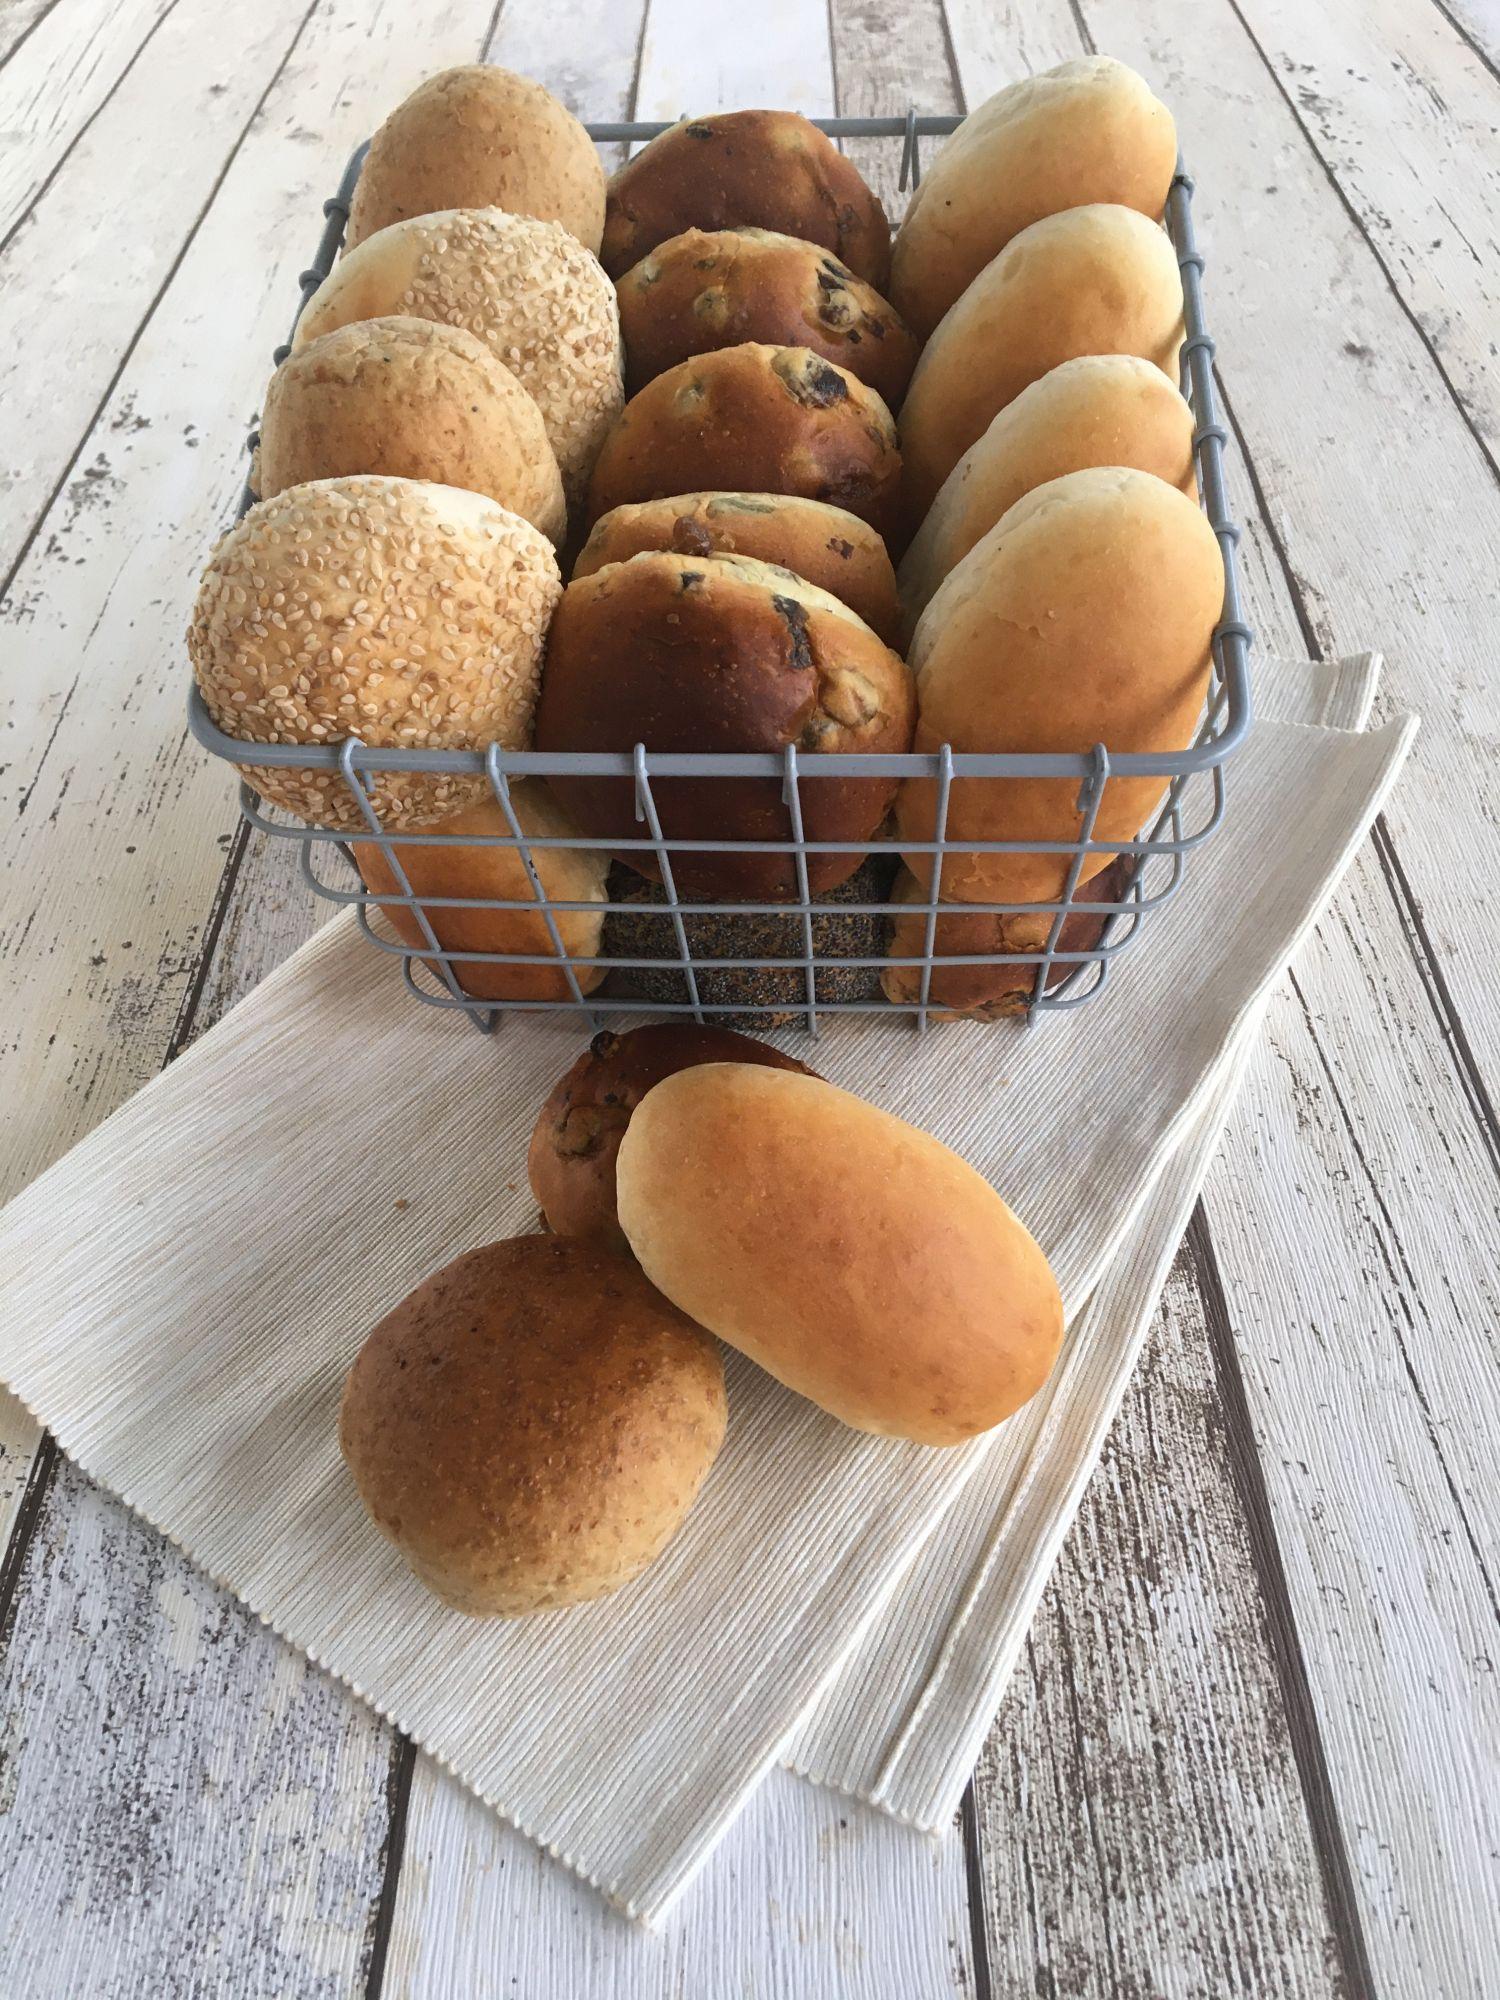 Meesterbakker-Roodenrijs-minibroodjes-haags-ontbijt